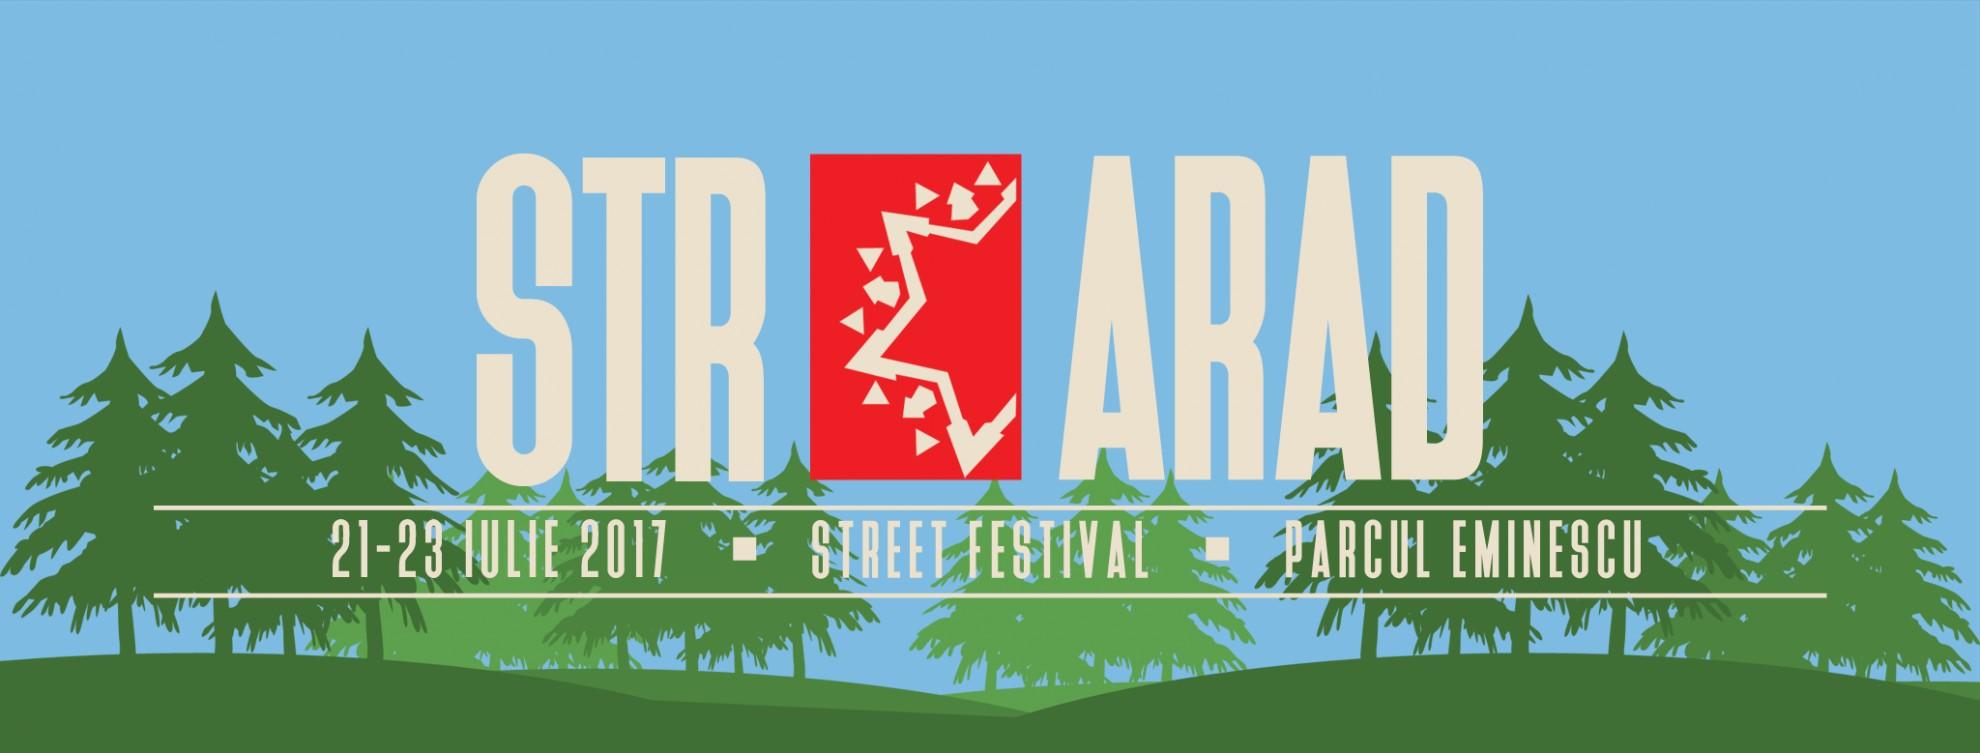 Strarad Street Festival 2017